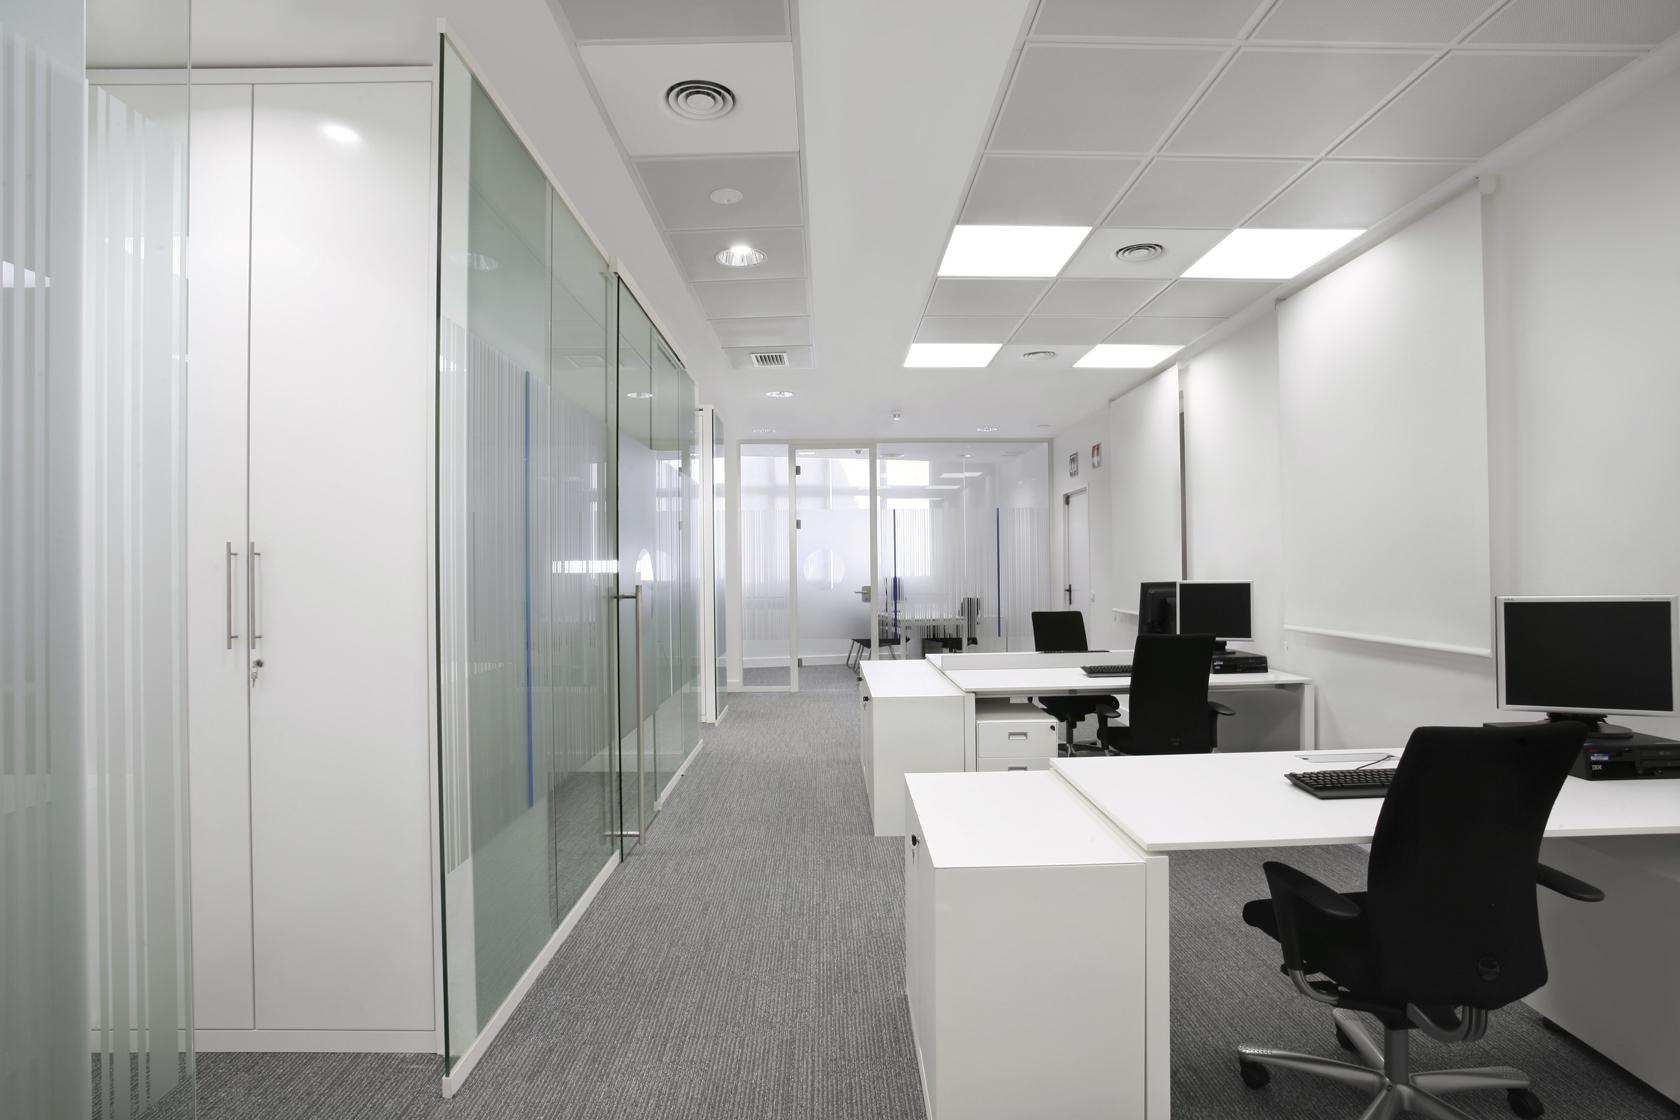 oficinas37_bsr_01